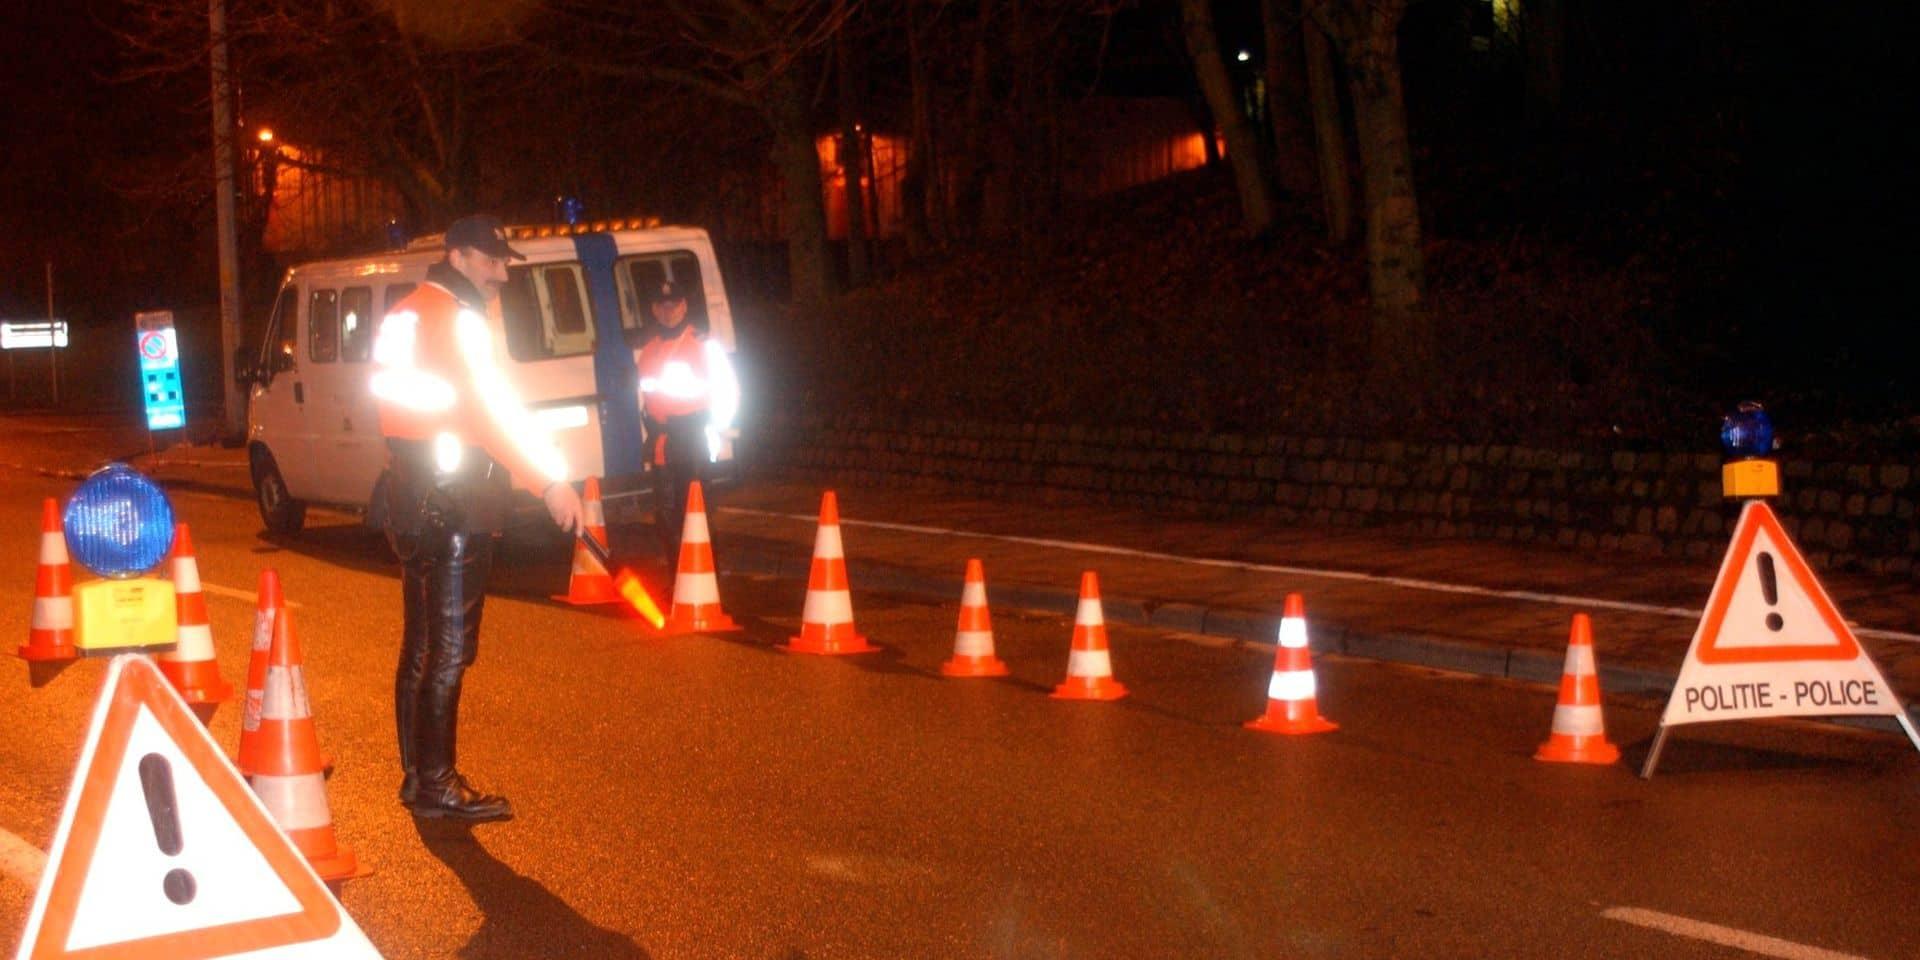 Avec d'autres zones, la police Hesbaye-Ouest mène une opération d'envergure